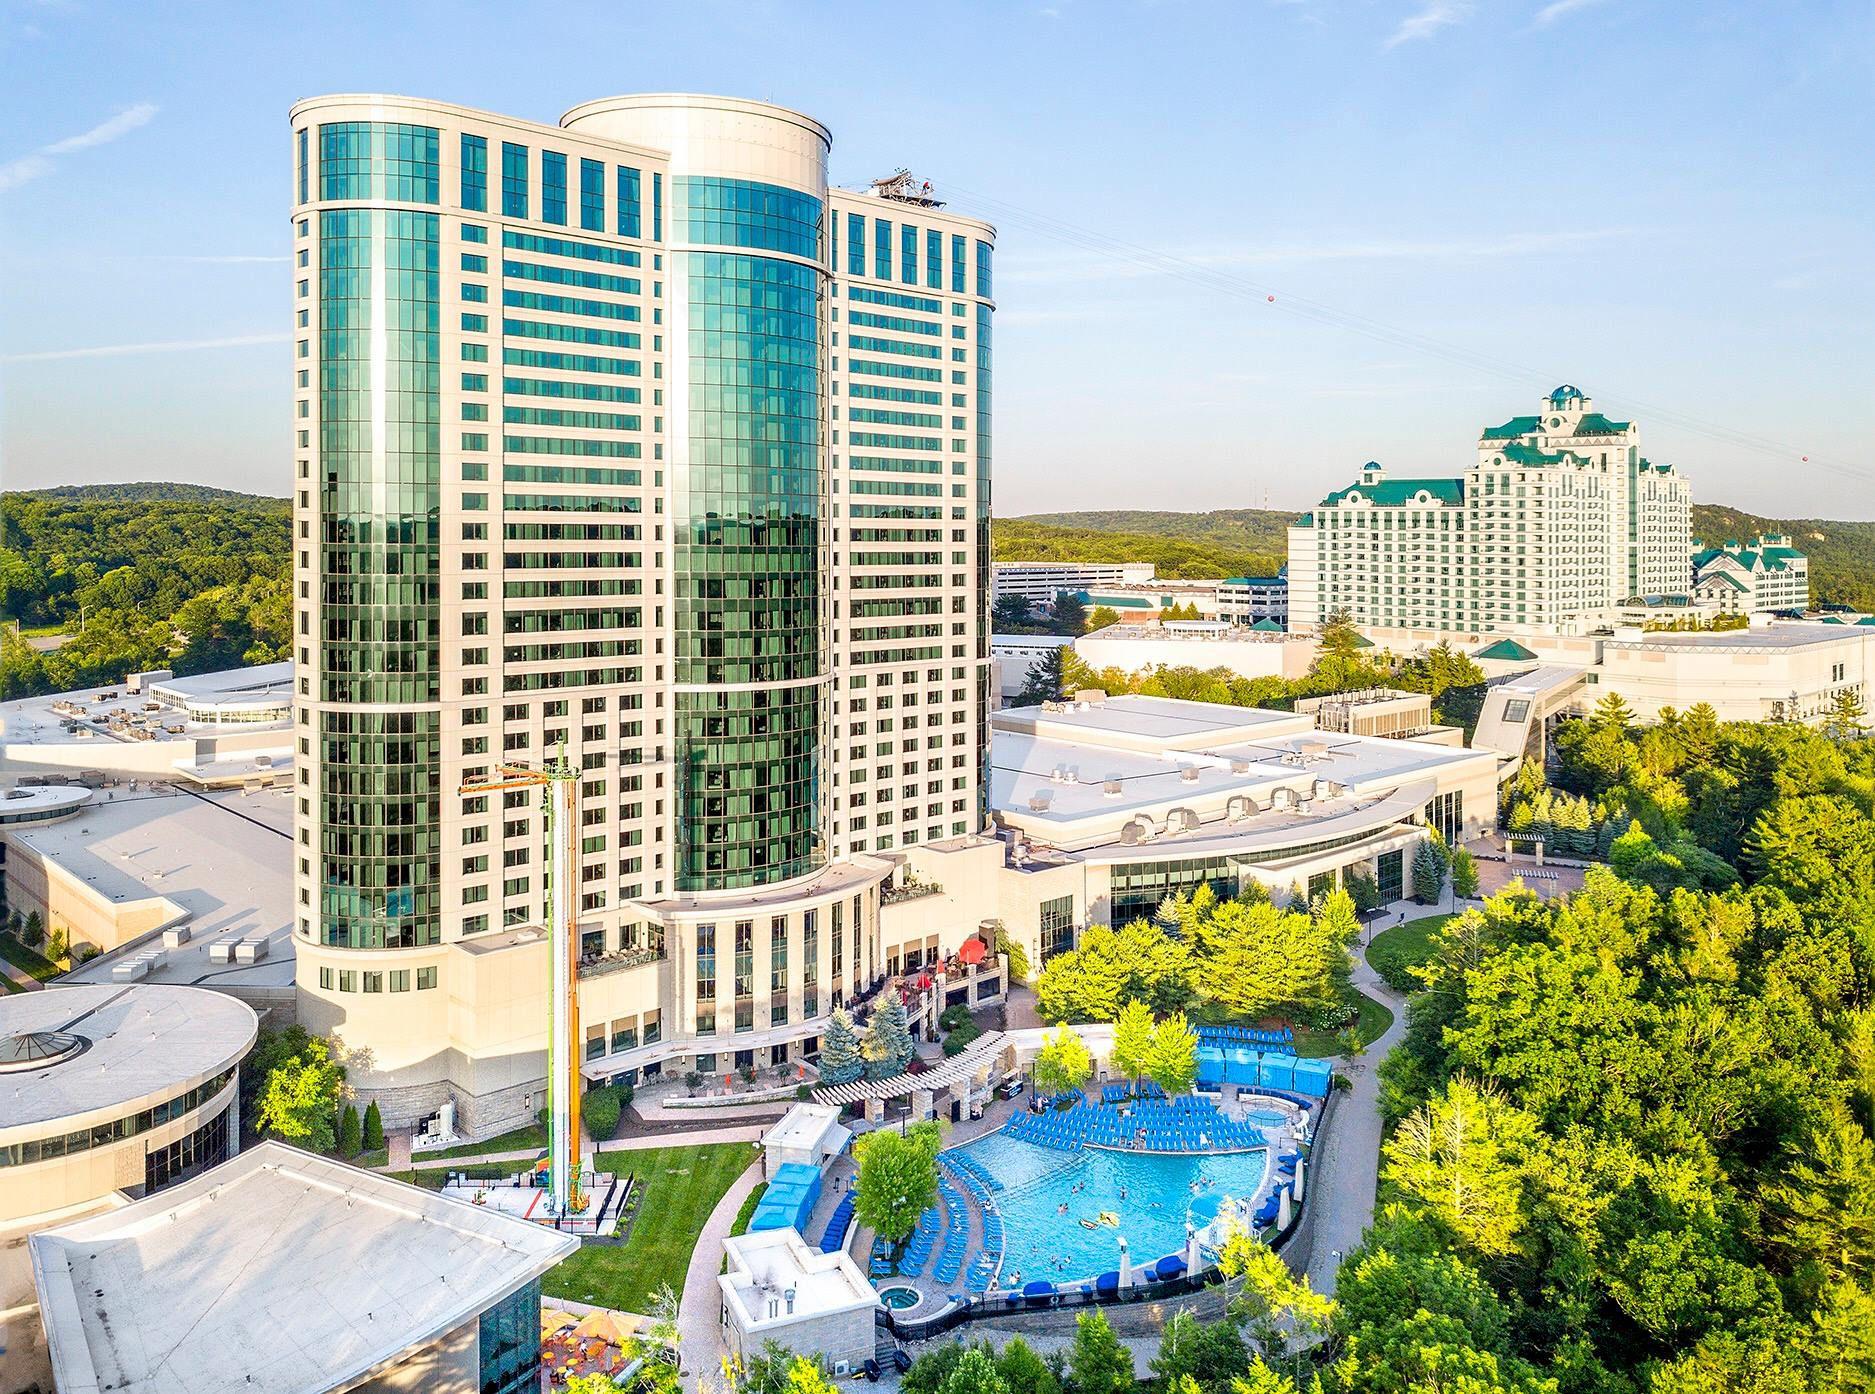 Vegas william hill casino